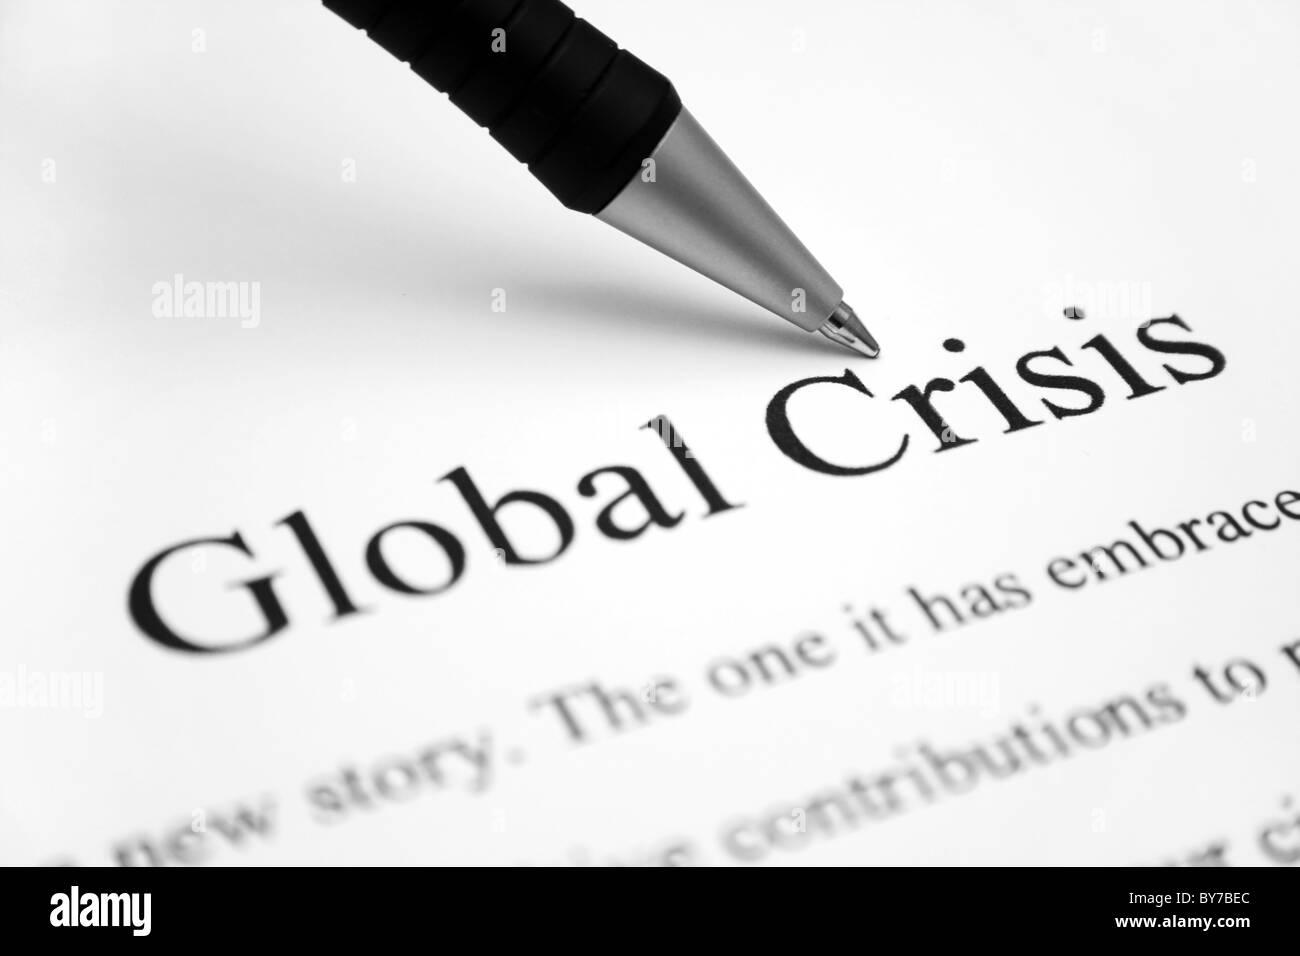 Global crisis - Stock Image